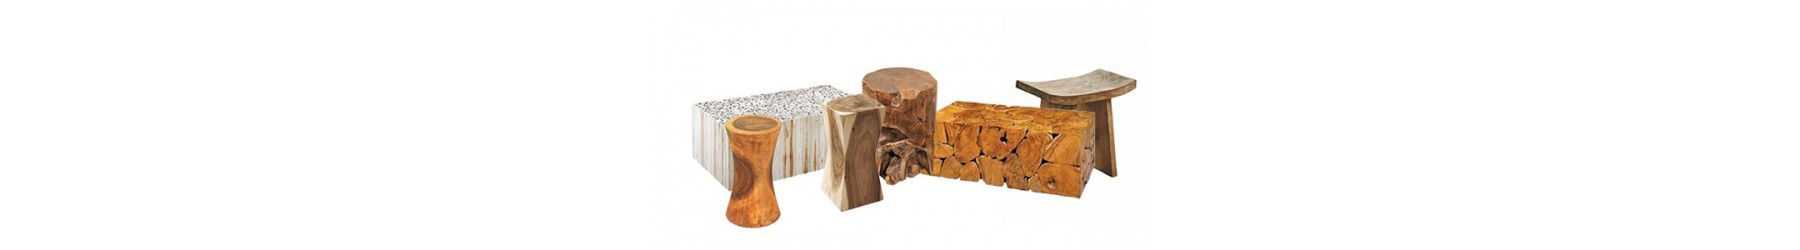 Σκαμπό σε πολλά σχέδια και υλικά. Φυσικός κορμός και κατασκευές μοναδικές. Προτάσεις υψηλής αισθητικής